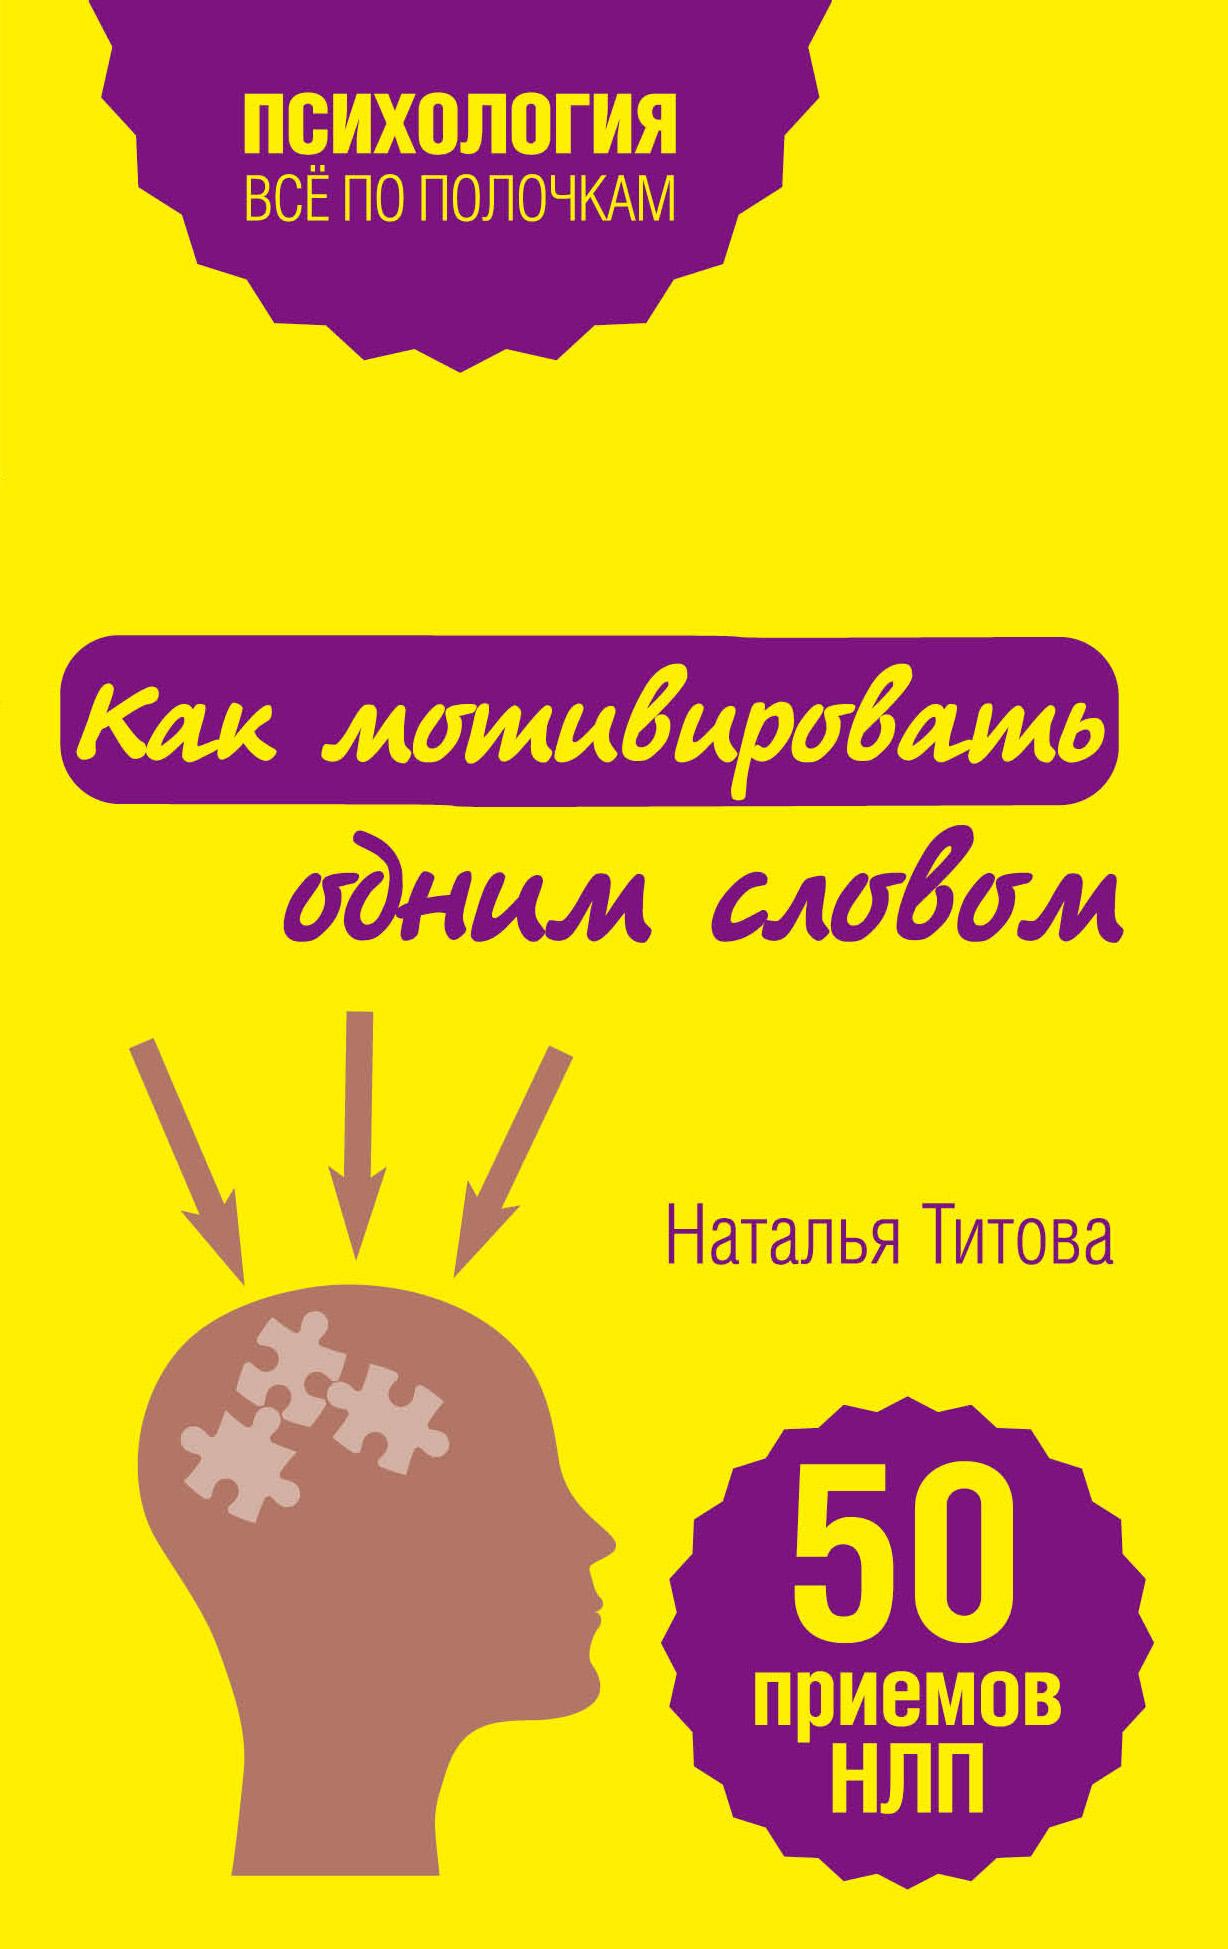 Наталья Титова Как мотивировать одним словом. 50 приемов НЛП титова н как мотивировать одним словом 50 приемов нлп